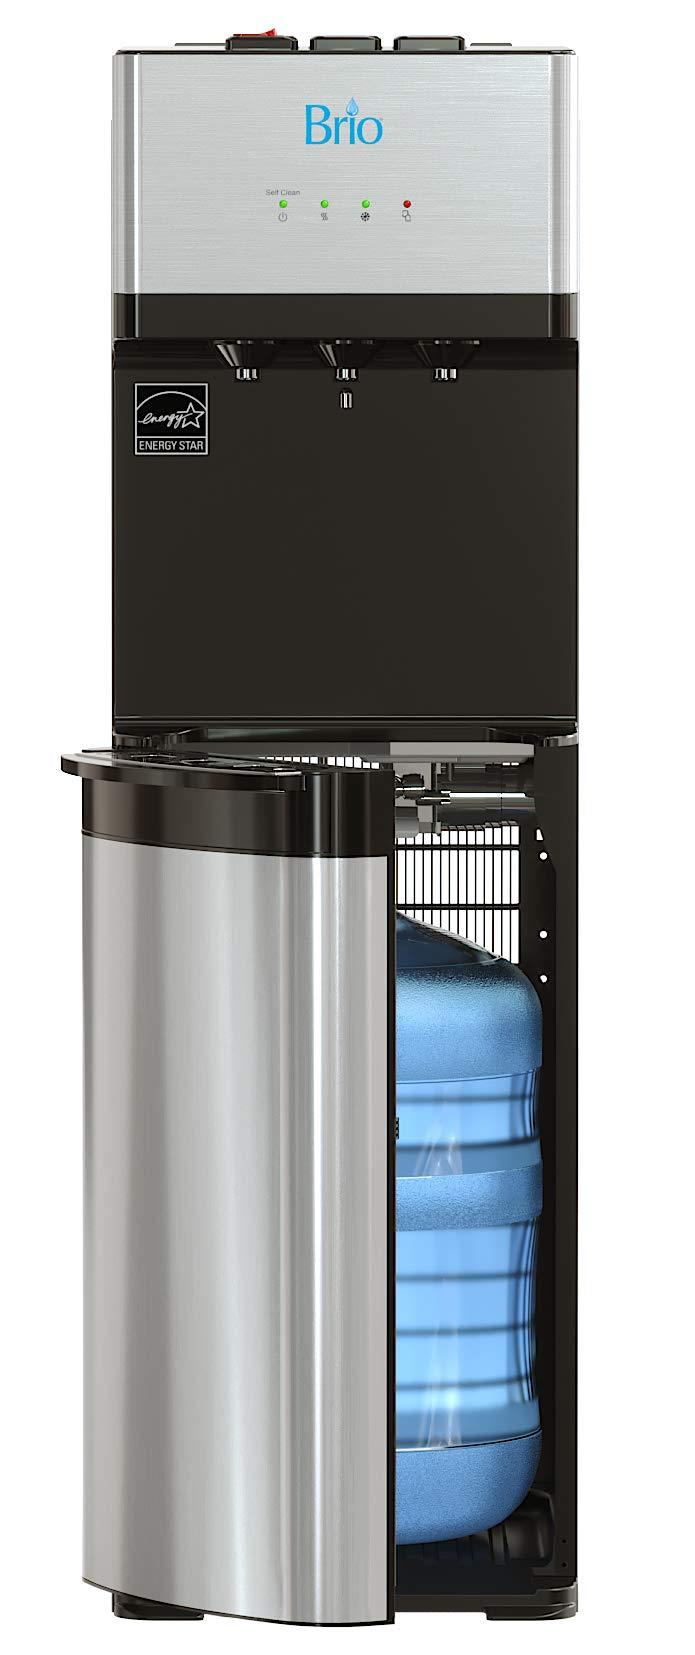 Brio Cleaning Bottom Loading Dispenser